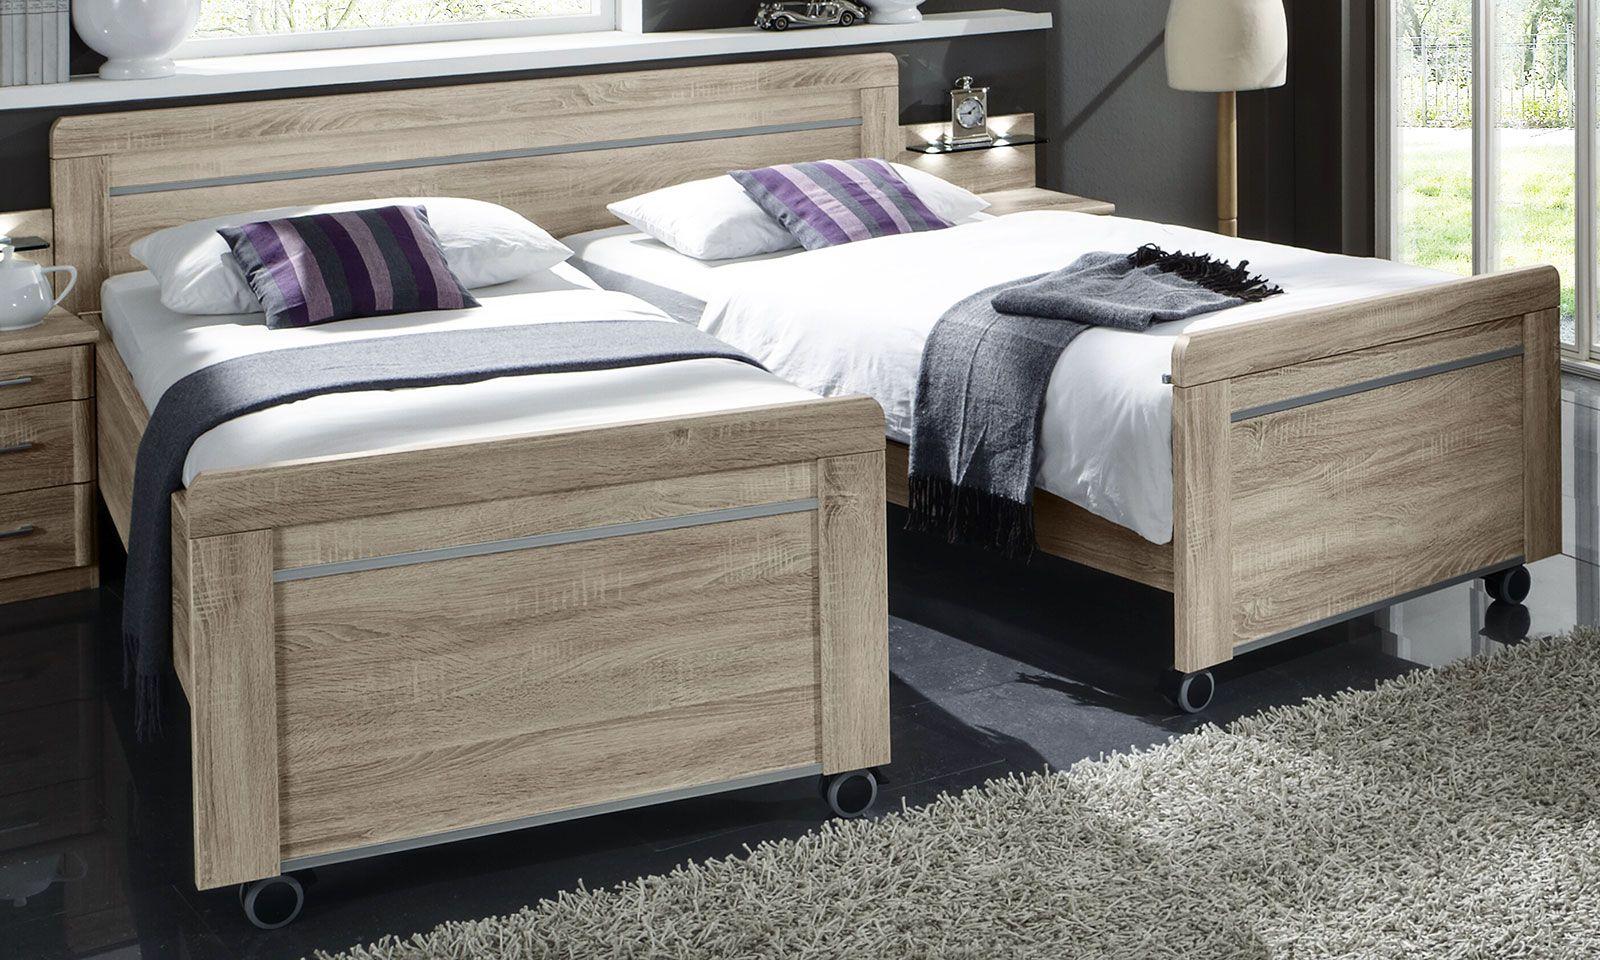 das seniorenbett runcorn das sich zum beziehen des bettes ganz einfach auseinander schieben. Black Bedroom Furniture Sets. Home Design Ideas